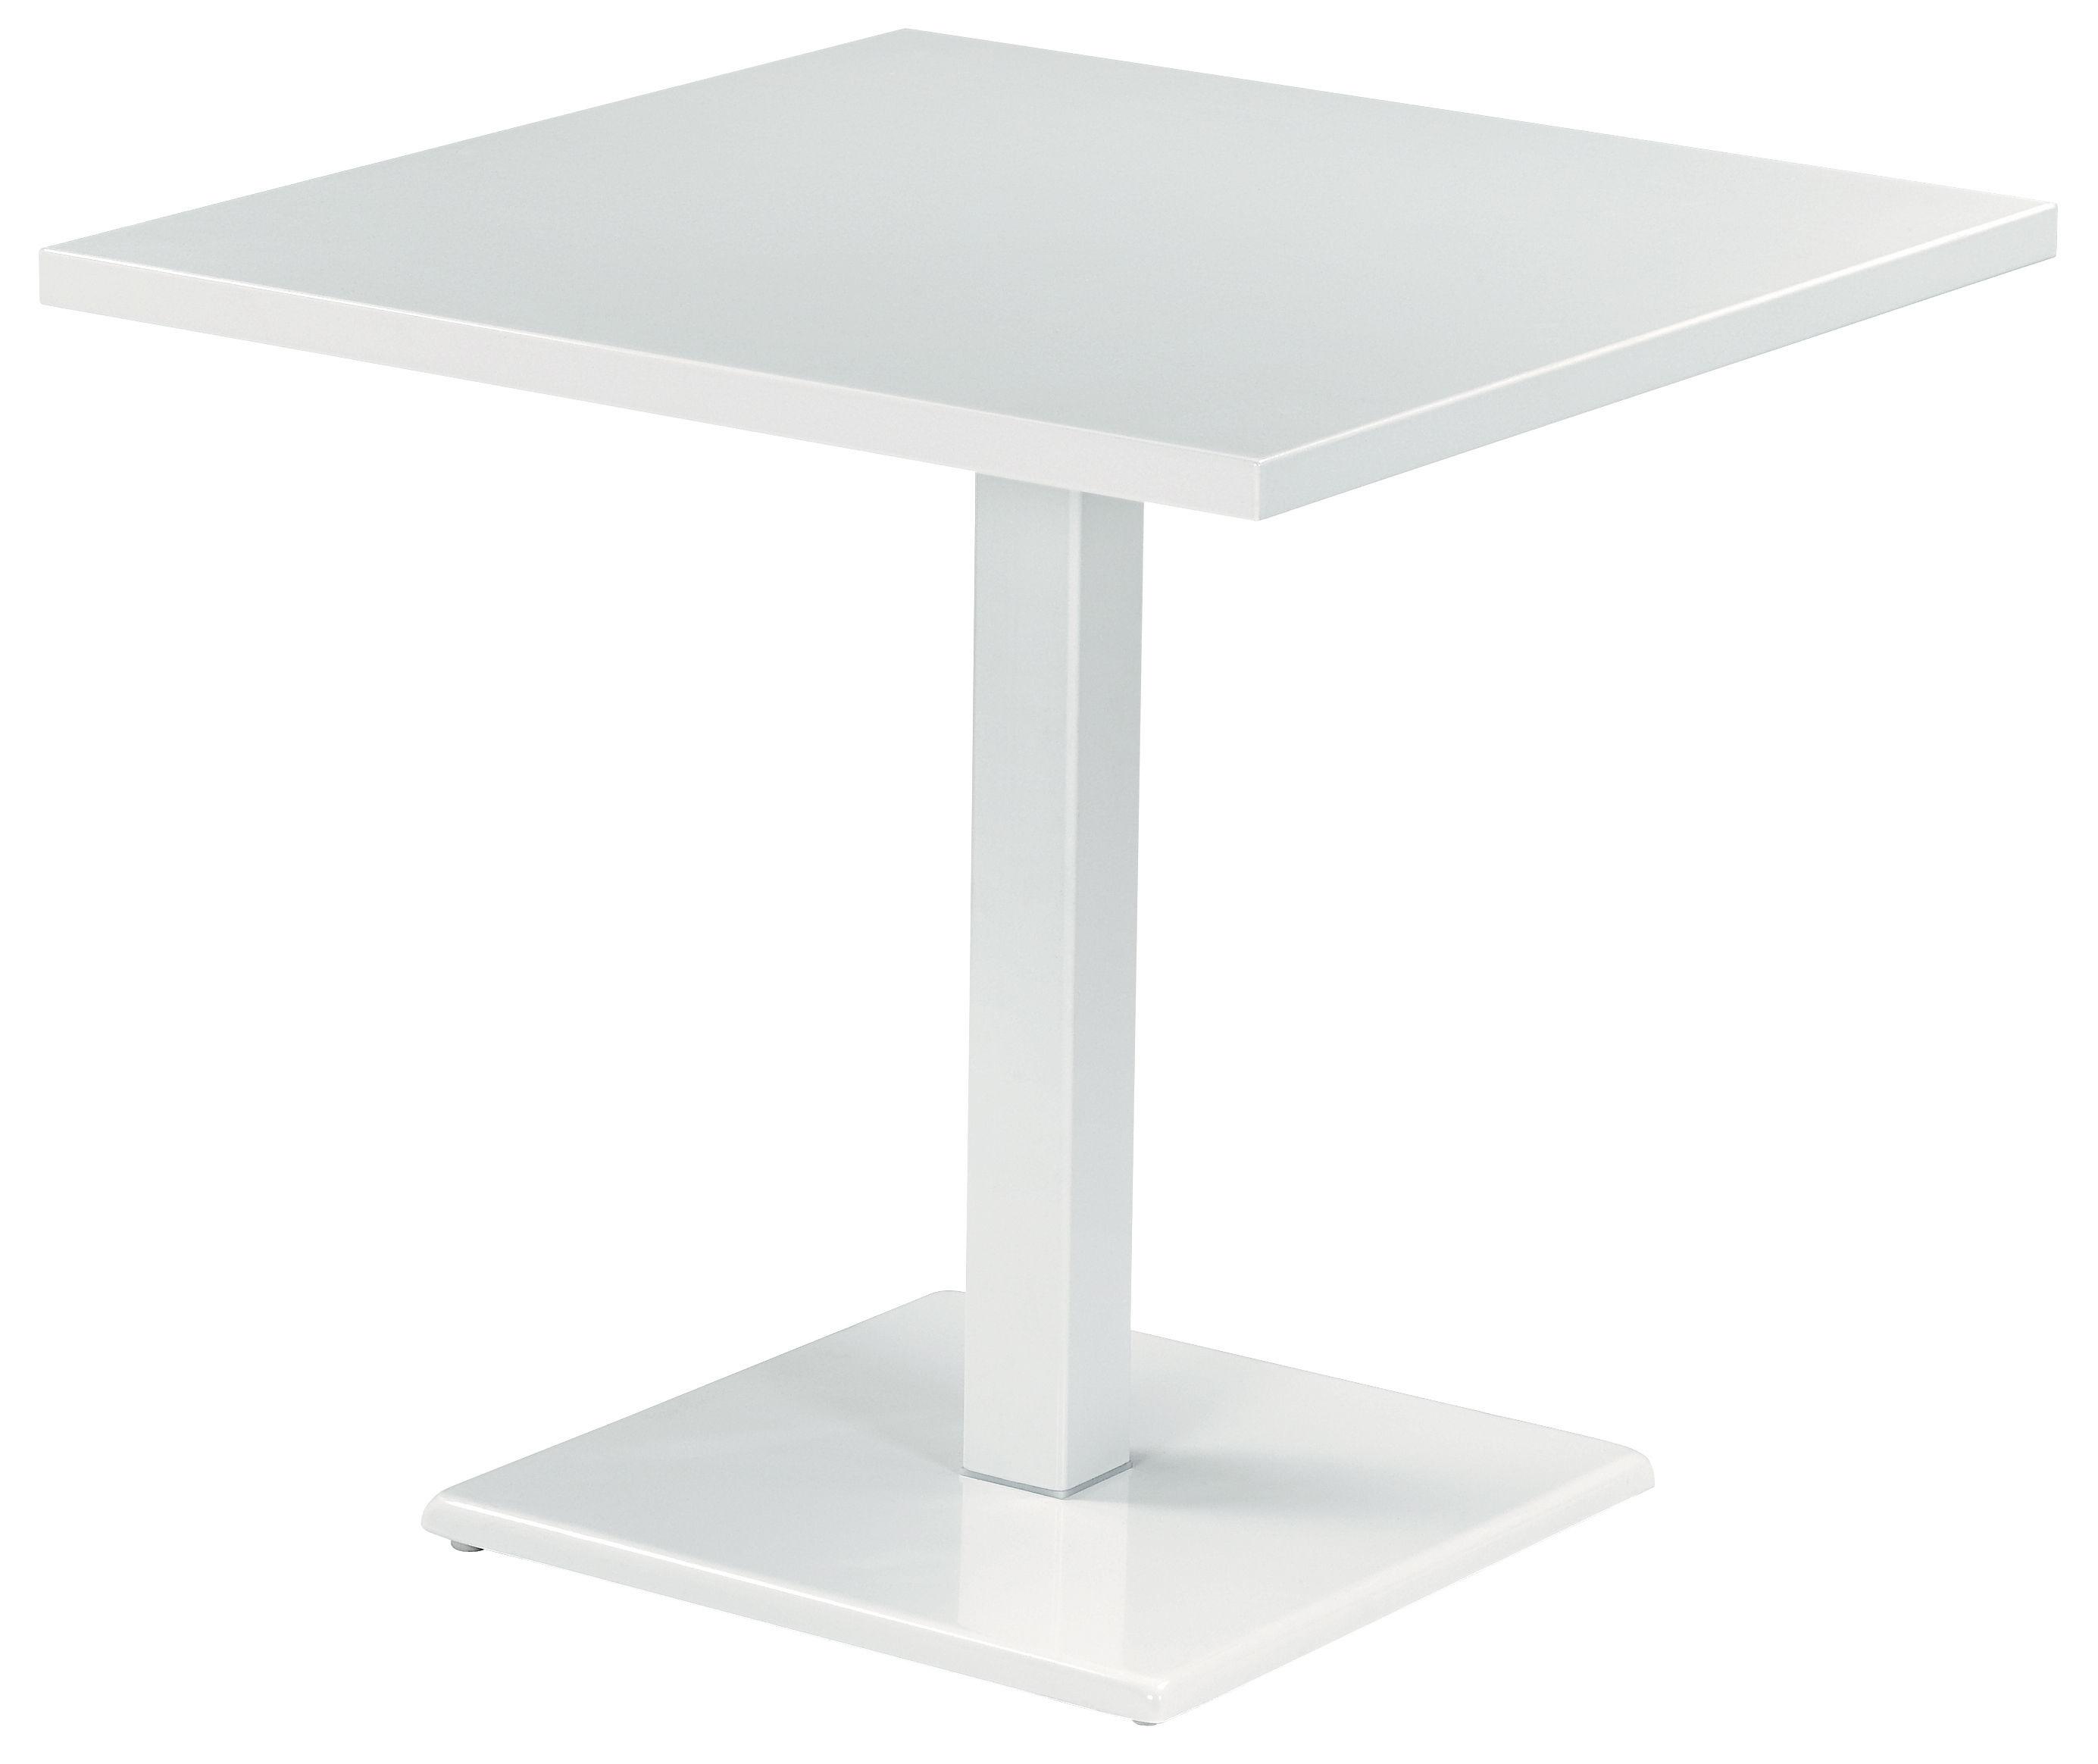 Outdoor - Tavoli  - Tavolo quadrato Round - 80 x 80 cm di Emu - Bianco - Acciaio